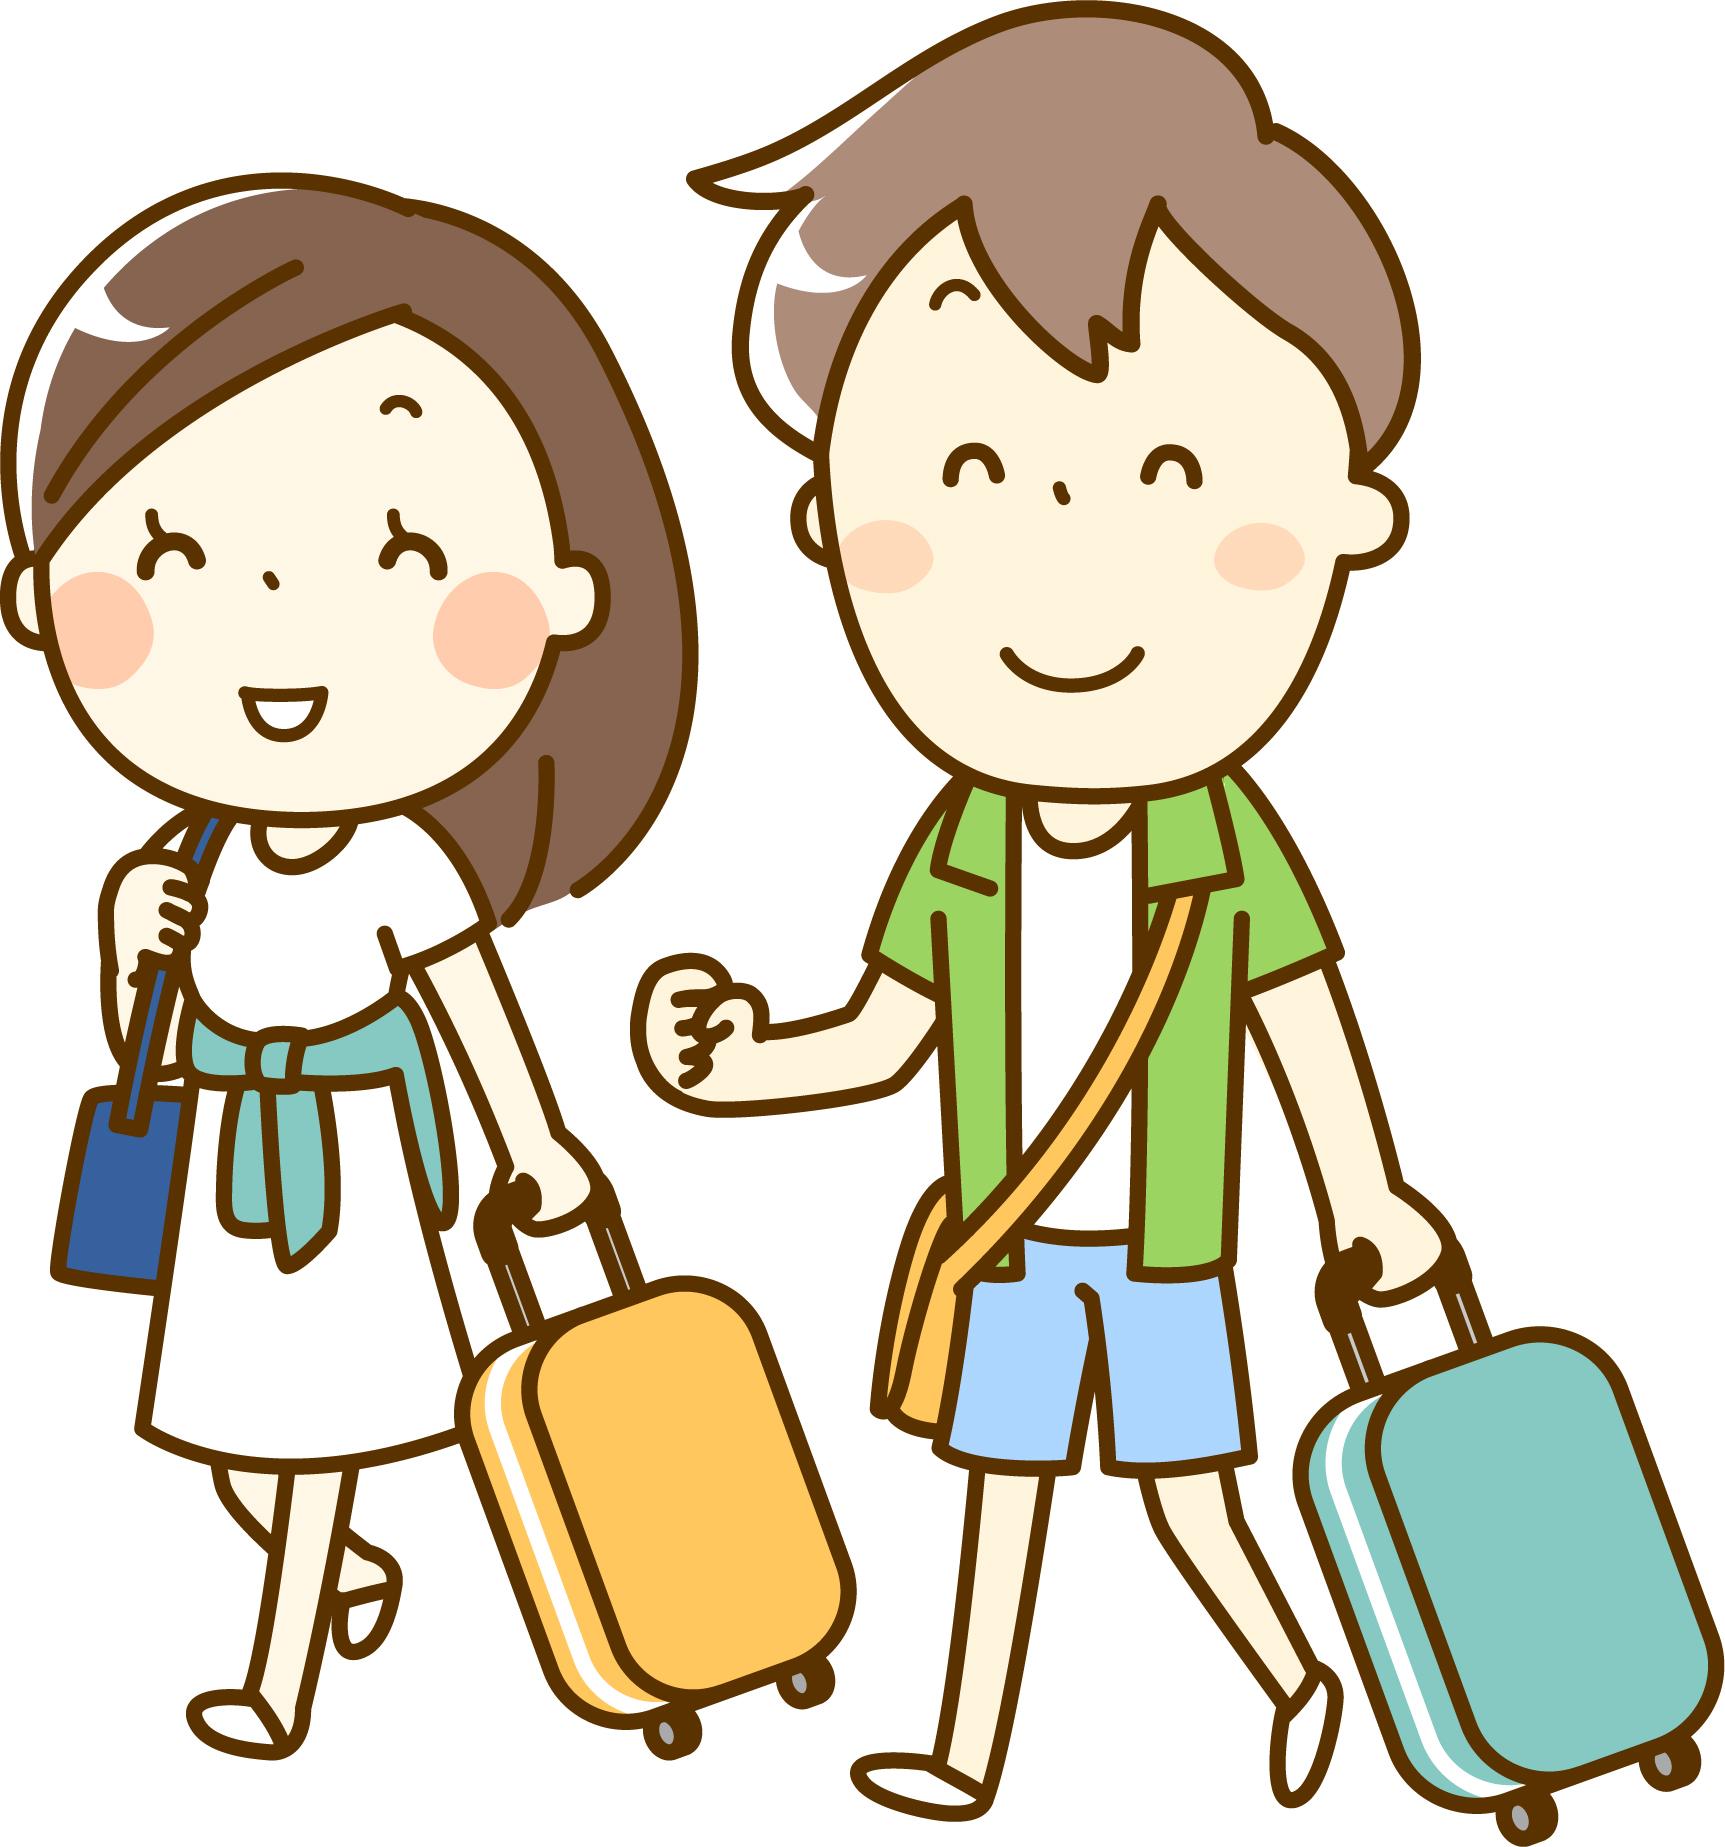 旅行に行くカップルのイメージ画像